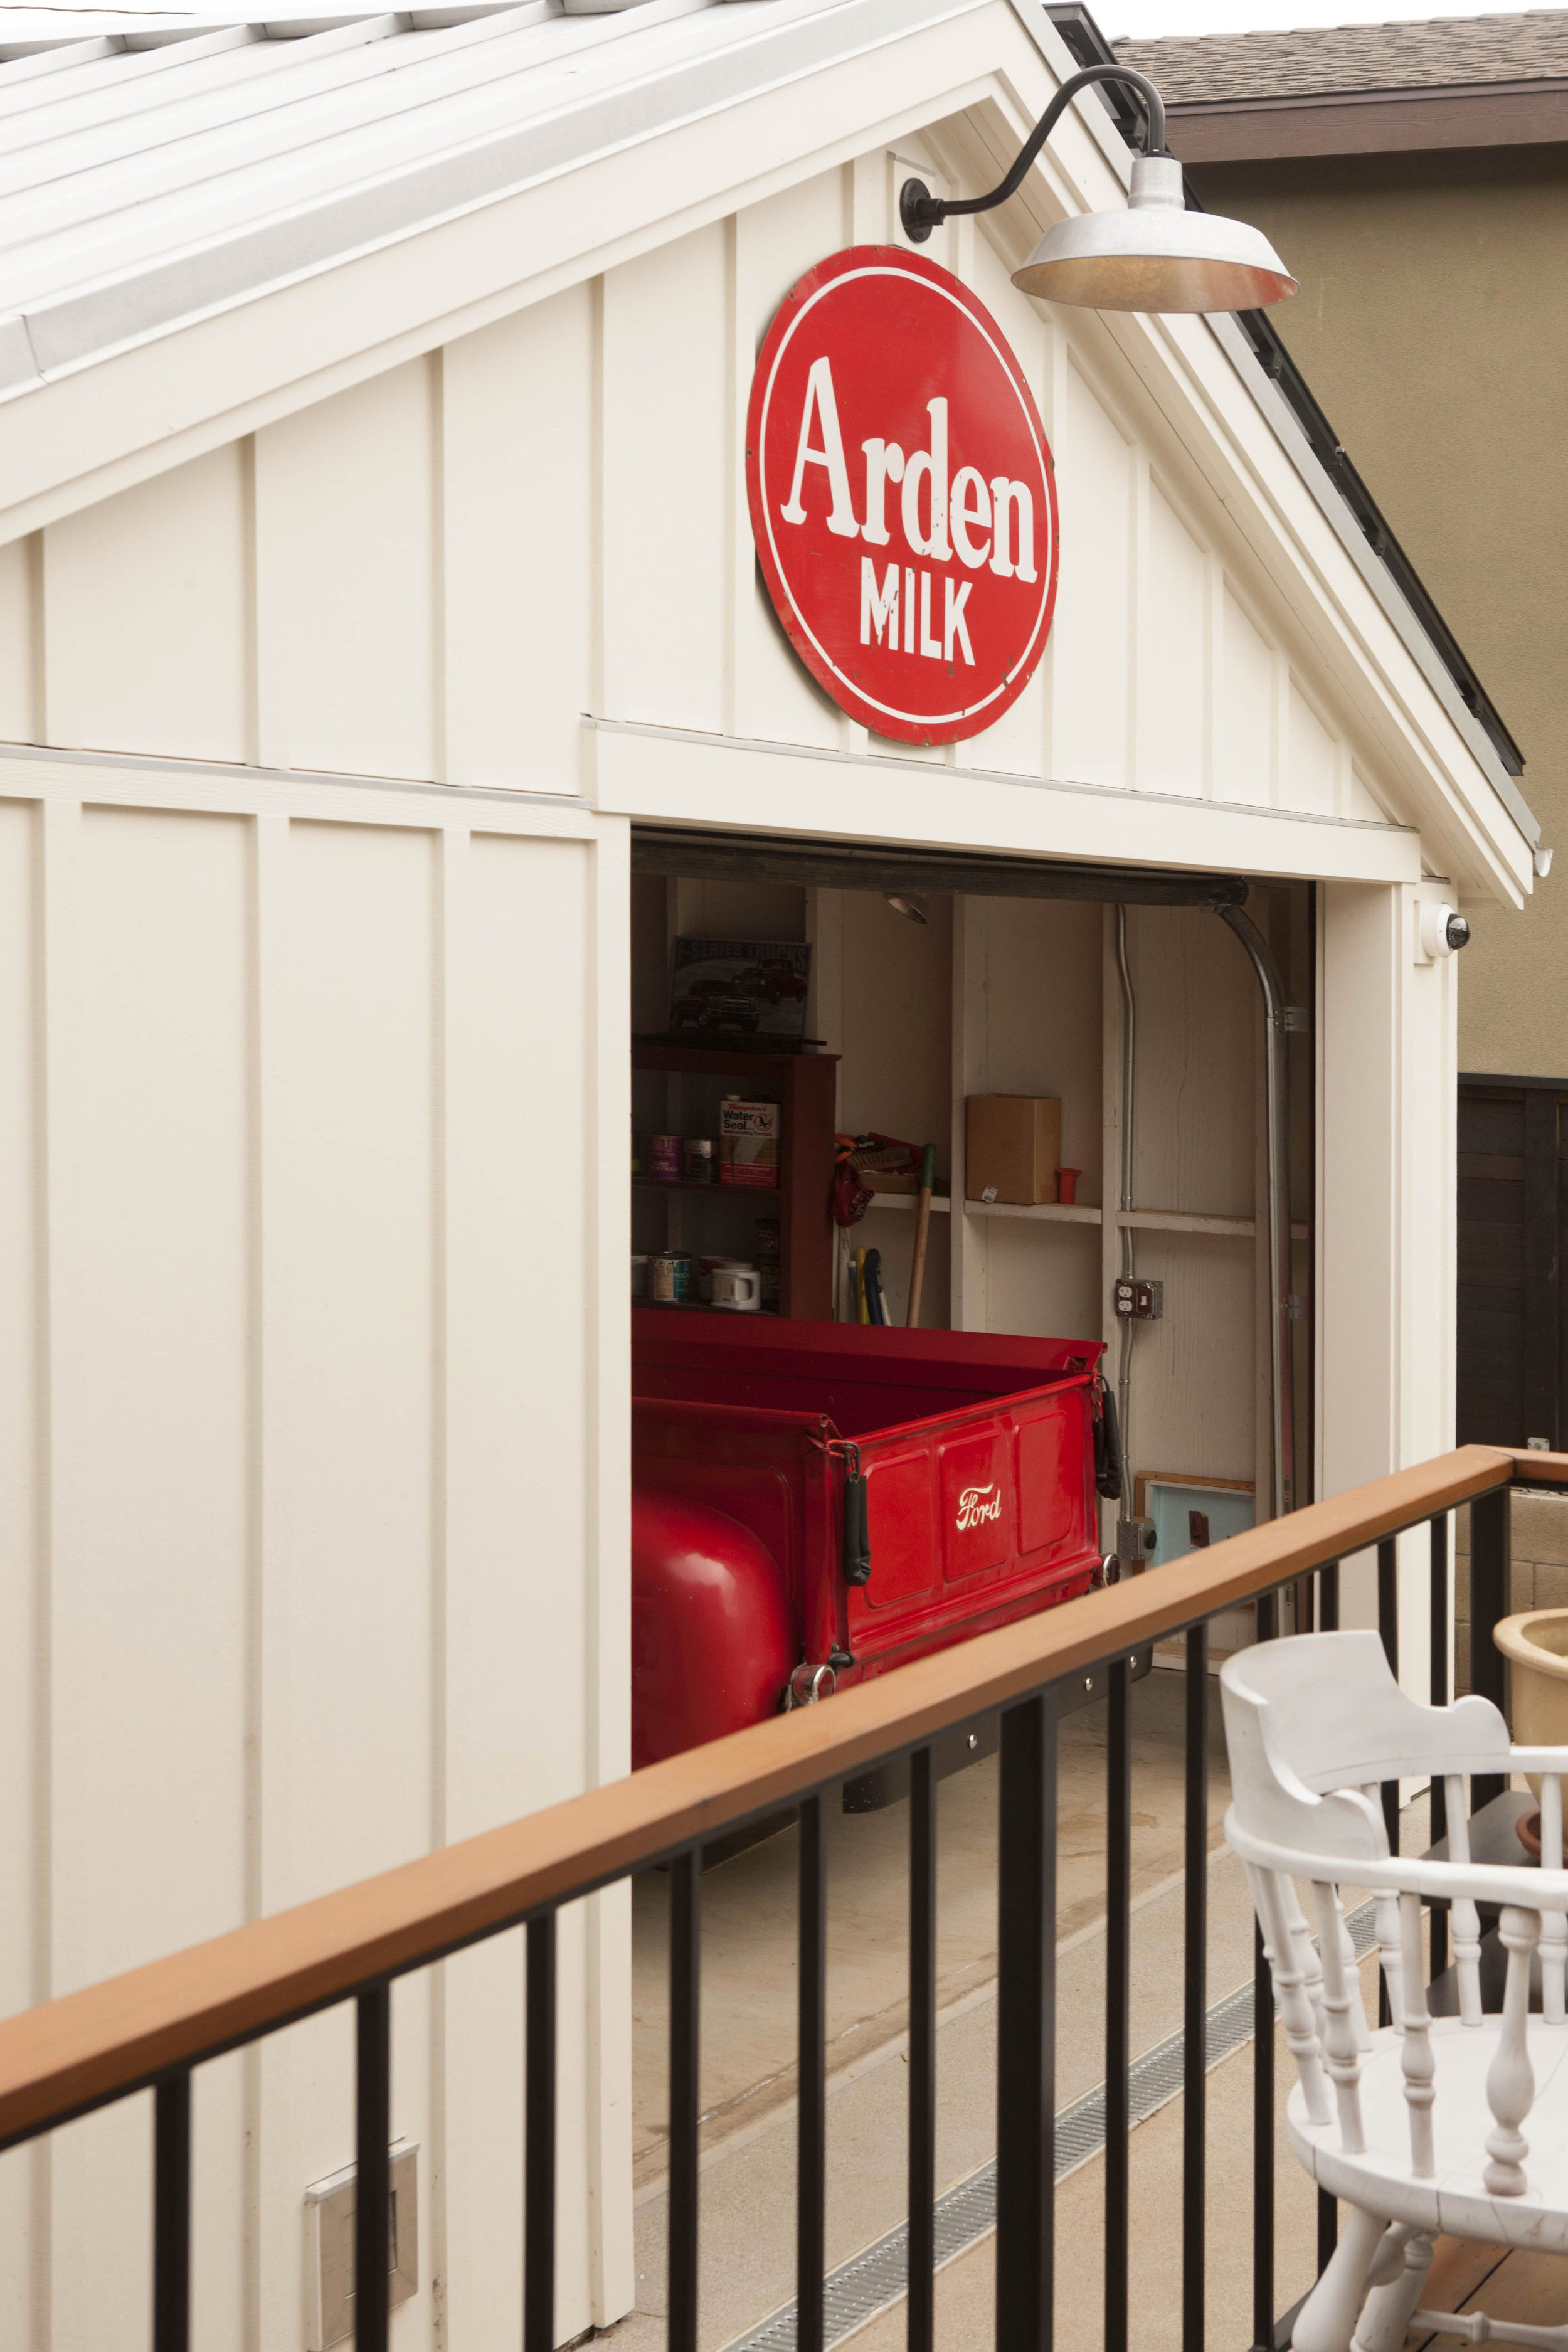 27 1131 Arden High Res.jpg